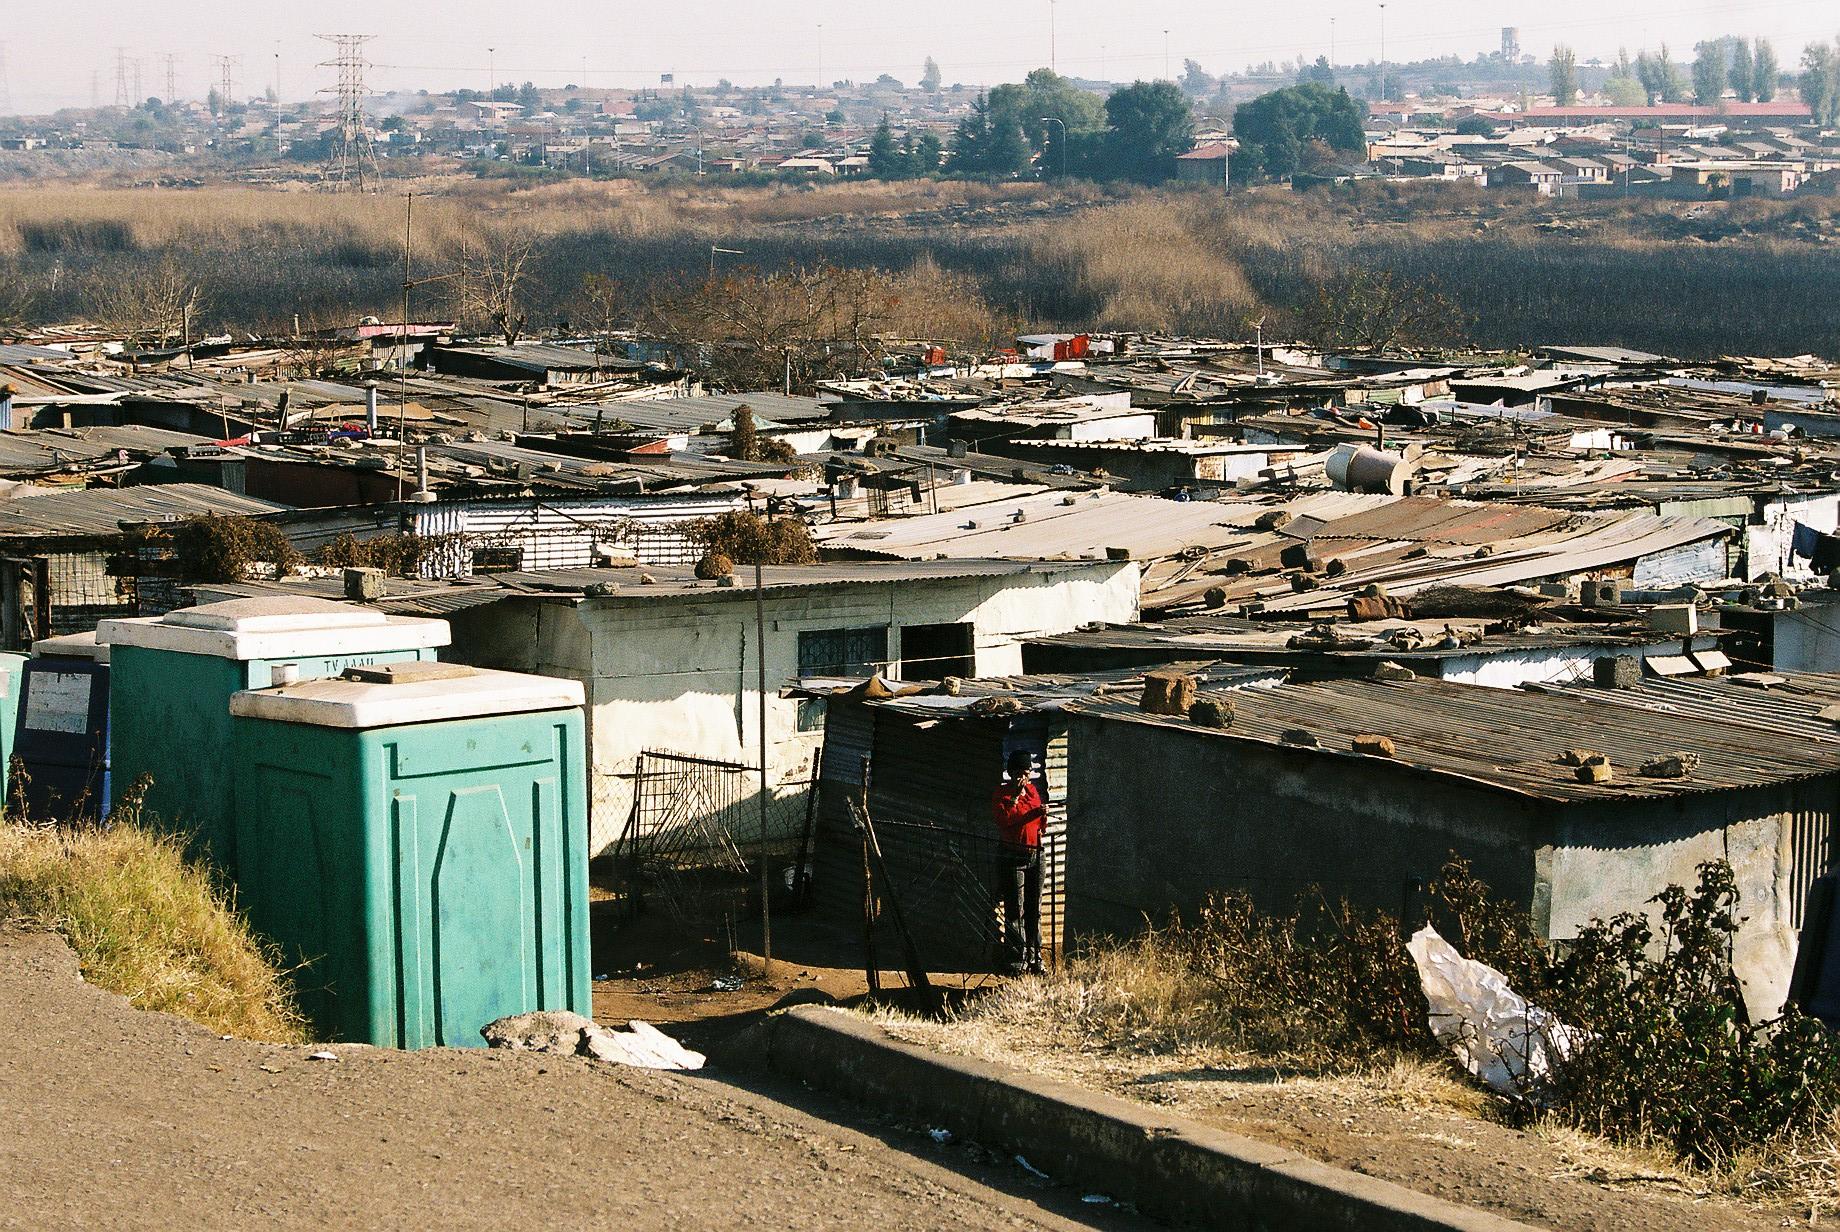 lumsinoweto,suburbofohannesburg,outhfrica.